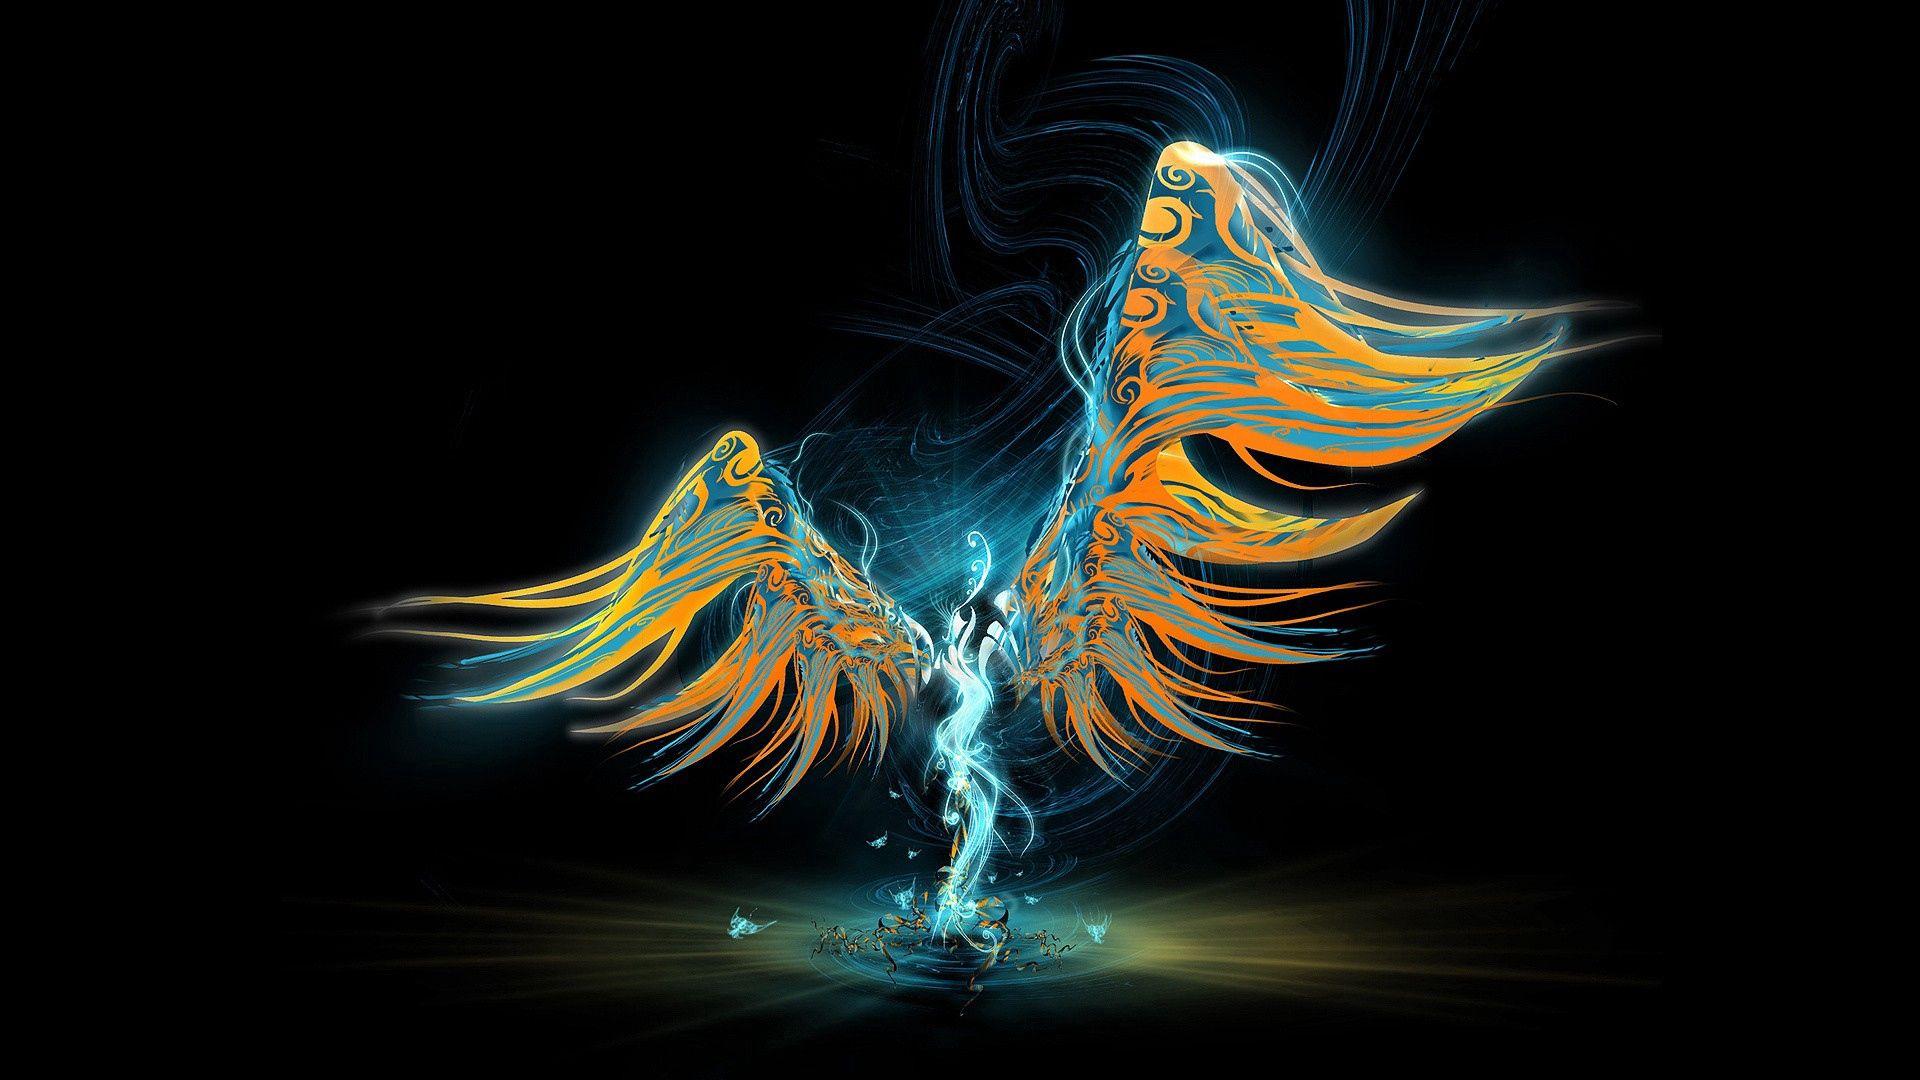 140676 Hintergrundbild herunterladen Engel, Abstrakt, Patterns, Scheinen, Licht, Bild, Zeichnung, Flügel - Bildschirmschoner und Bilder kostenlos